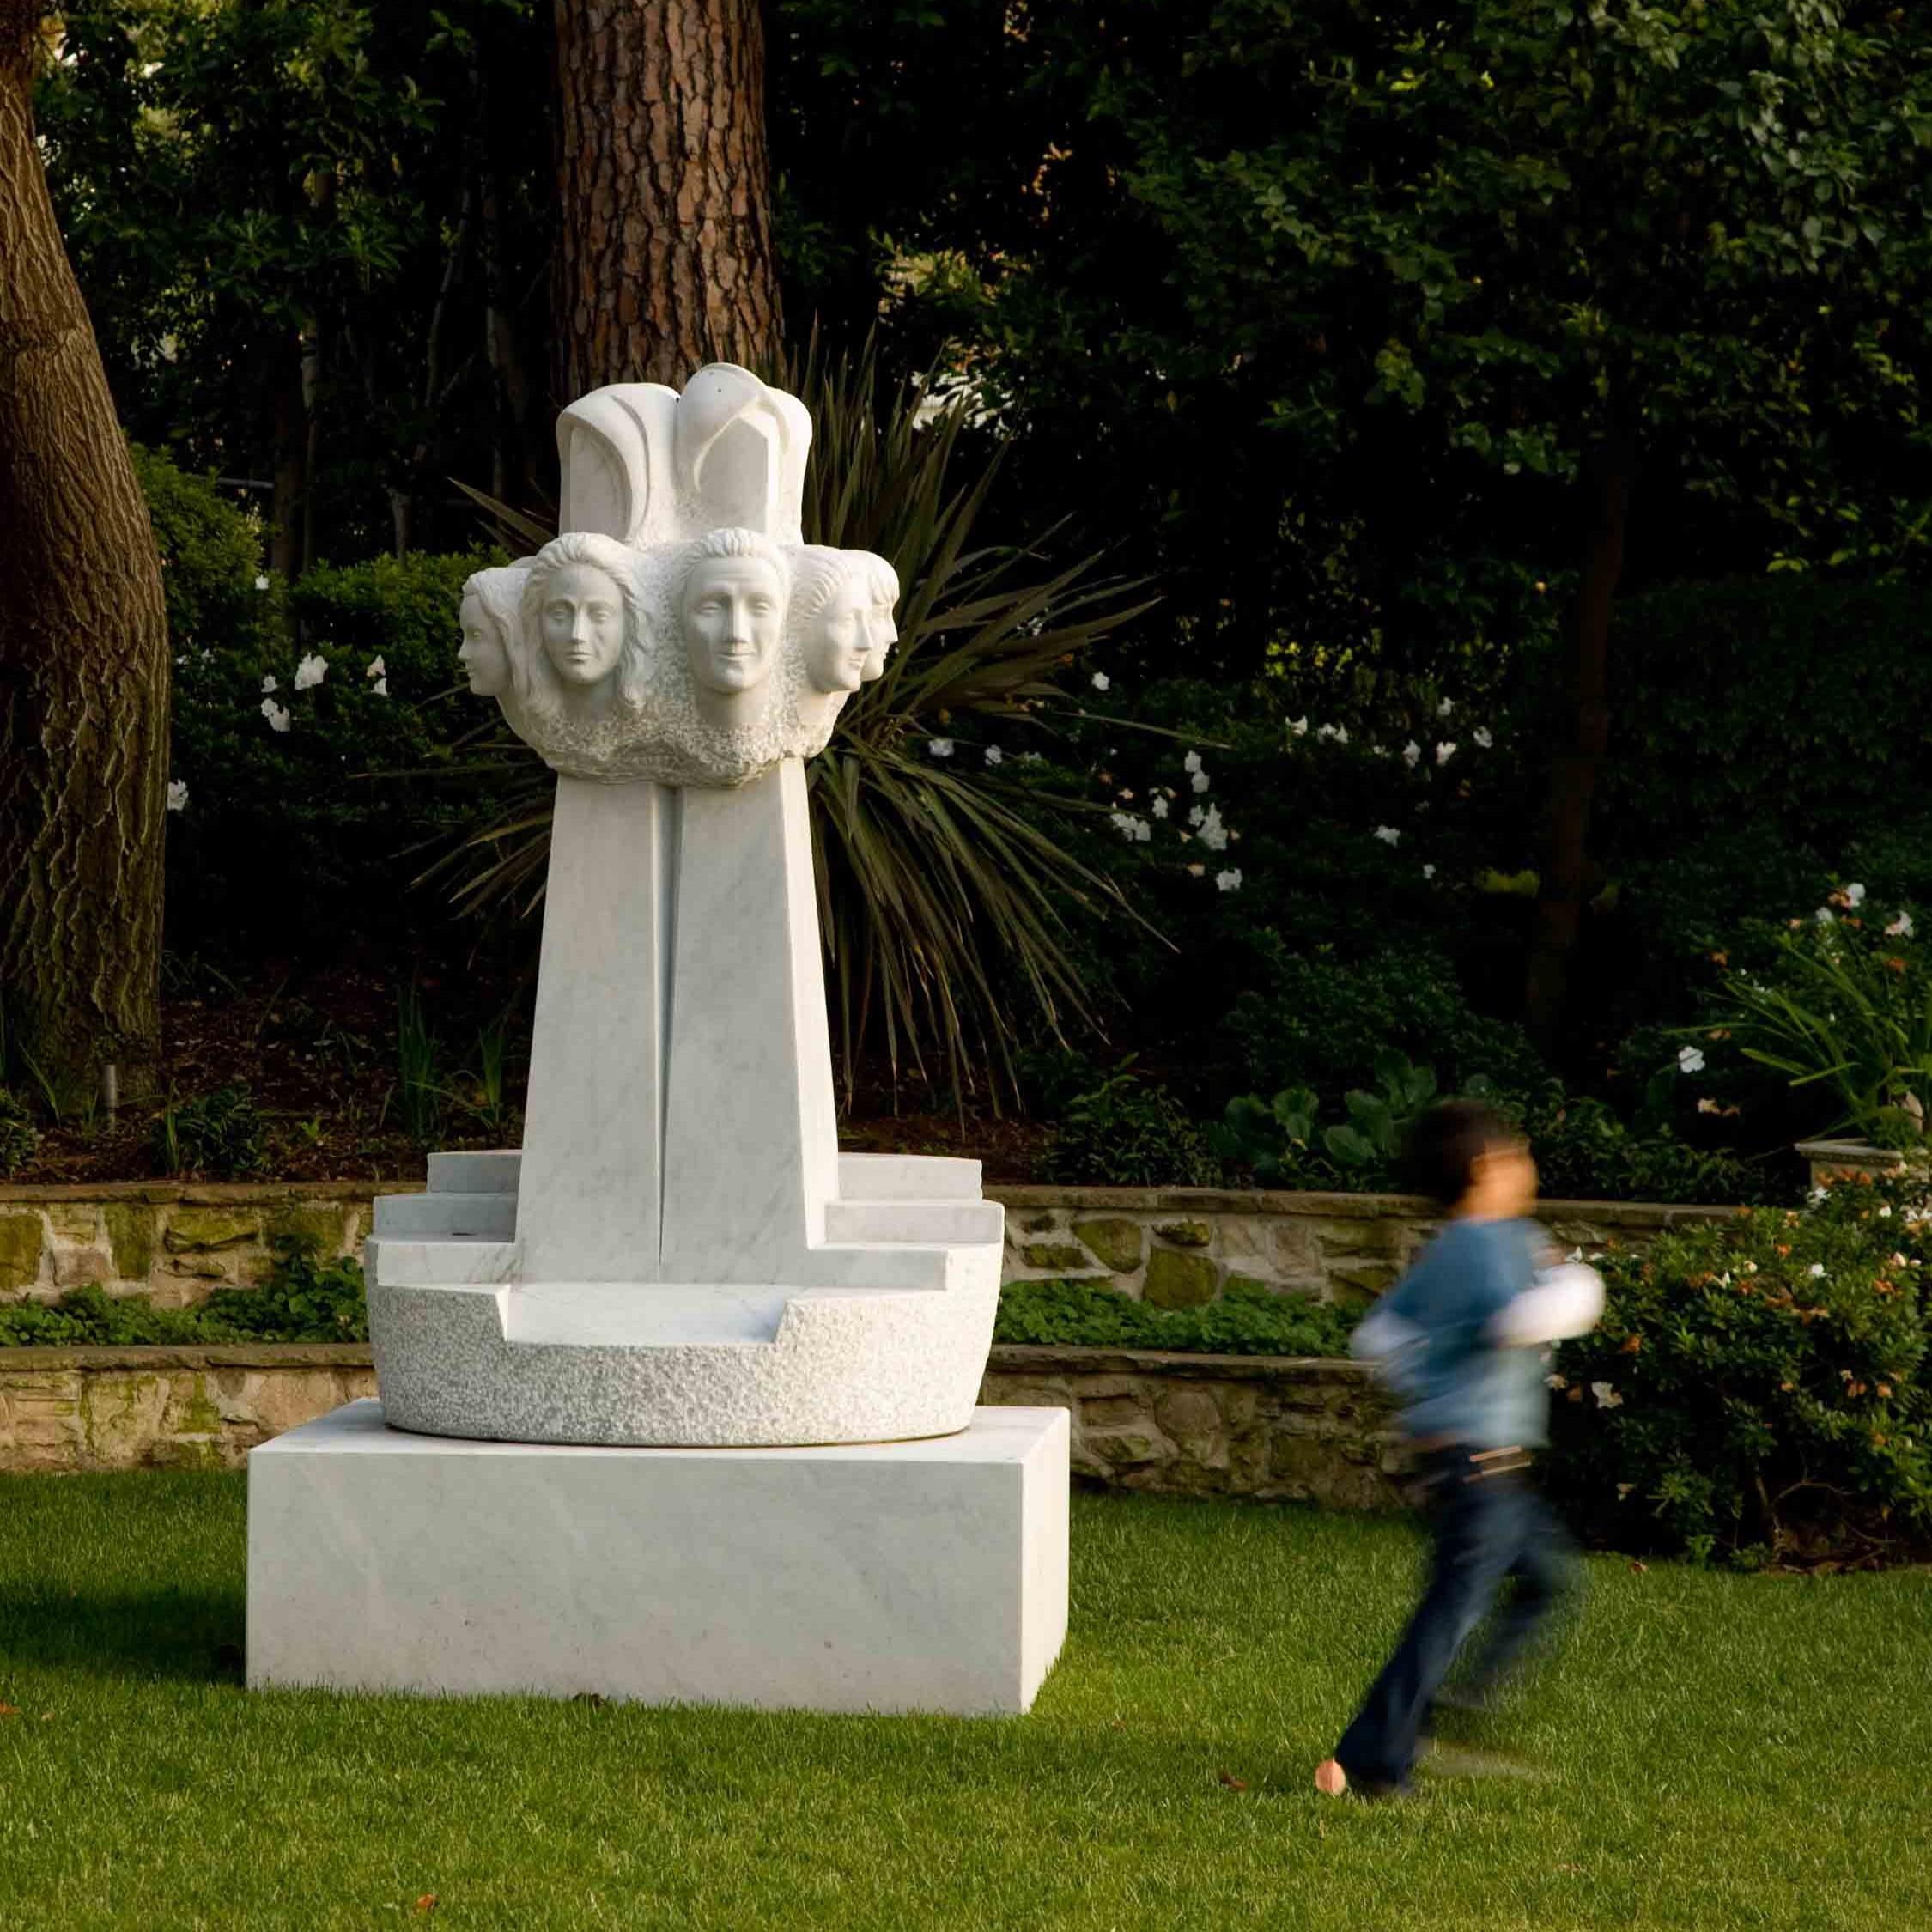 Sorarya-Nazarian-Sculpture-7.jpg